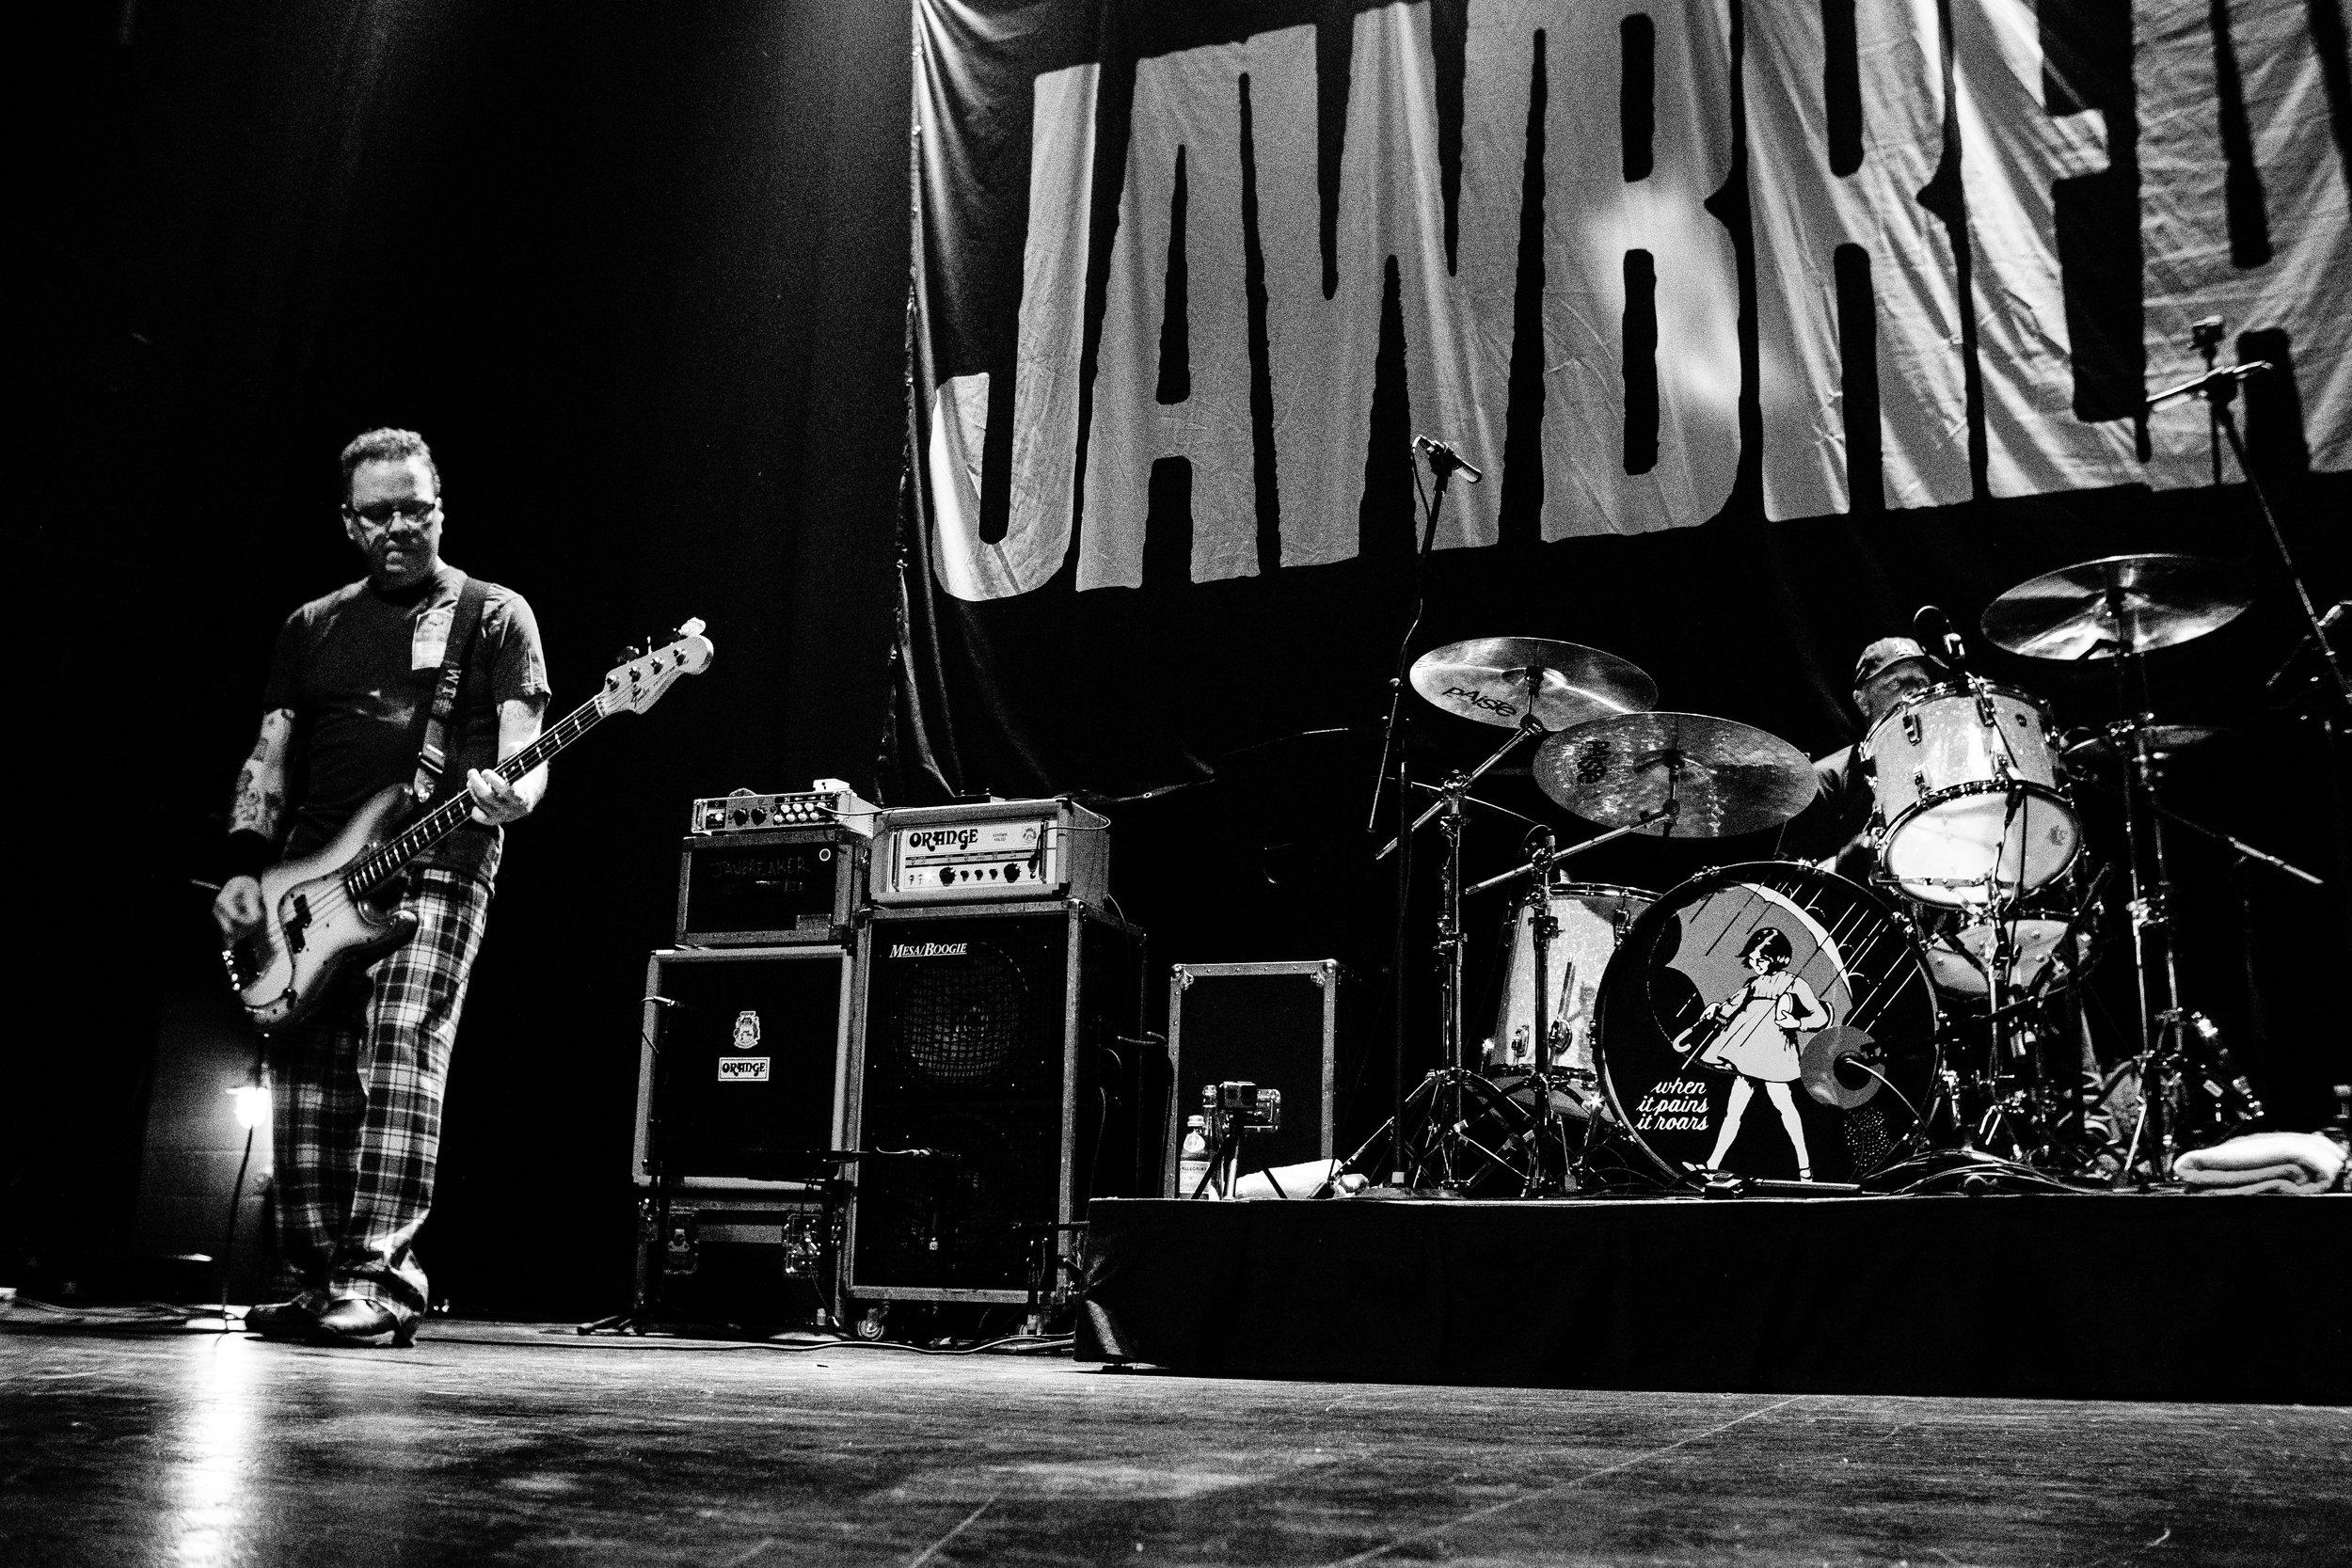 Jawbreaker-0500.jpg